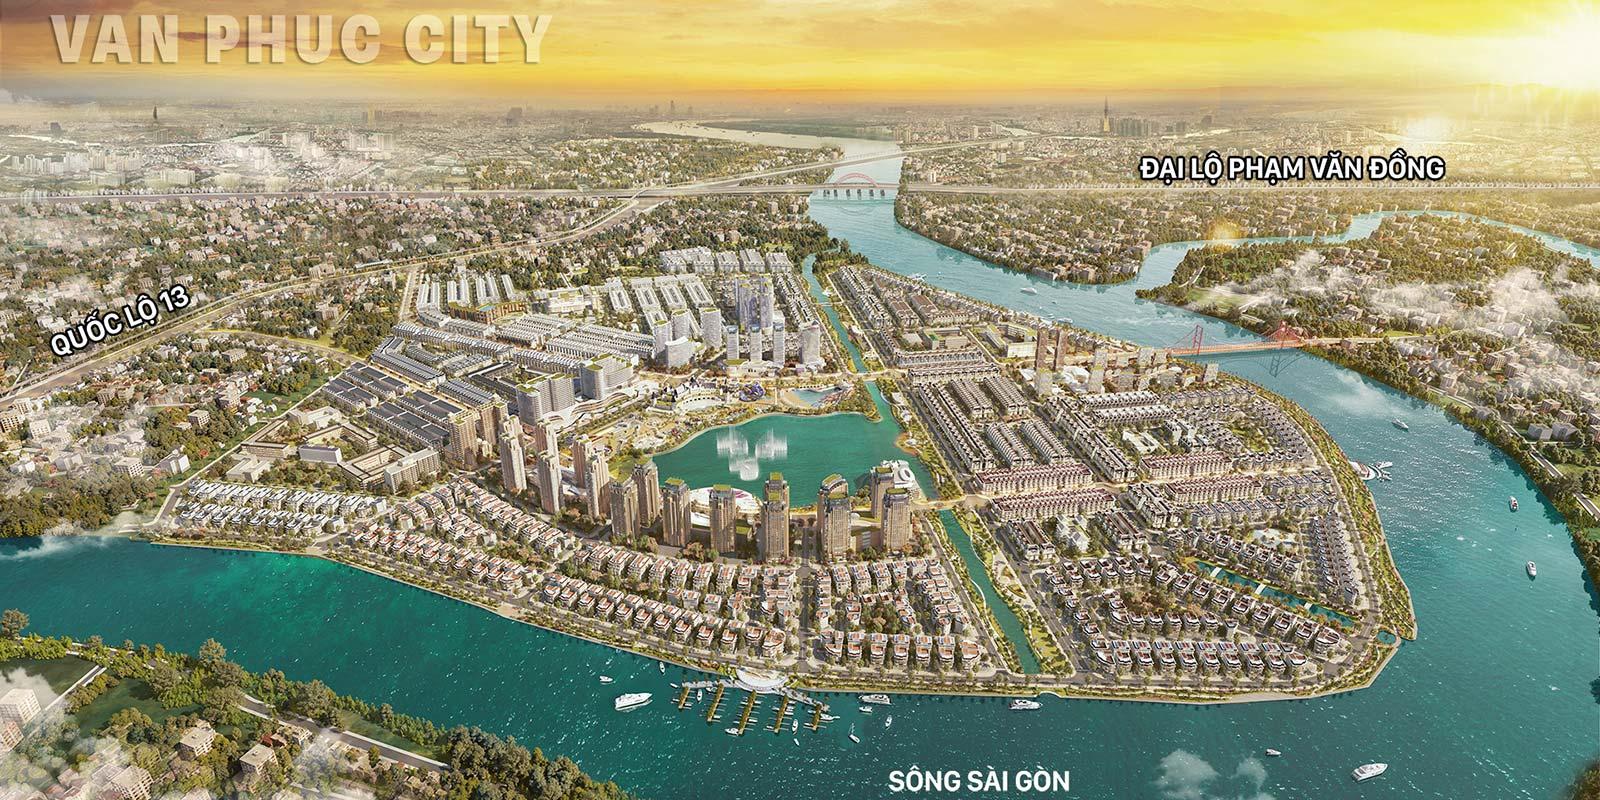 Khu đô thị Vạn Phúc City